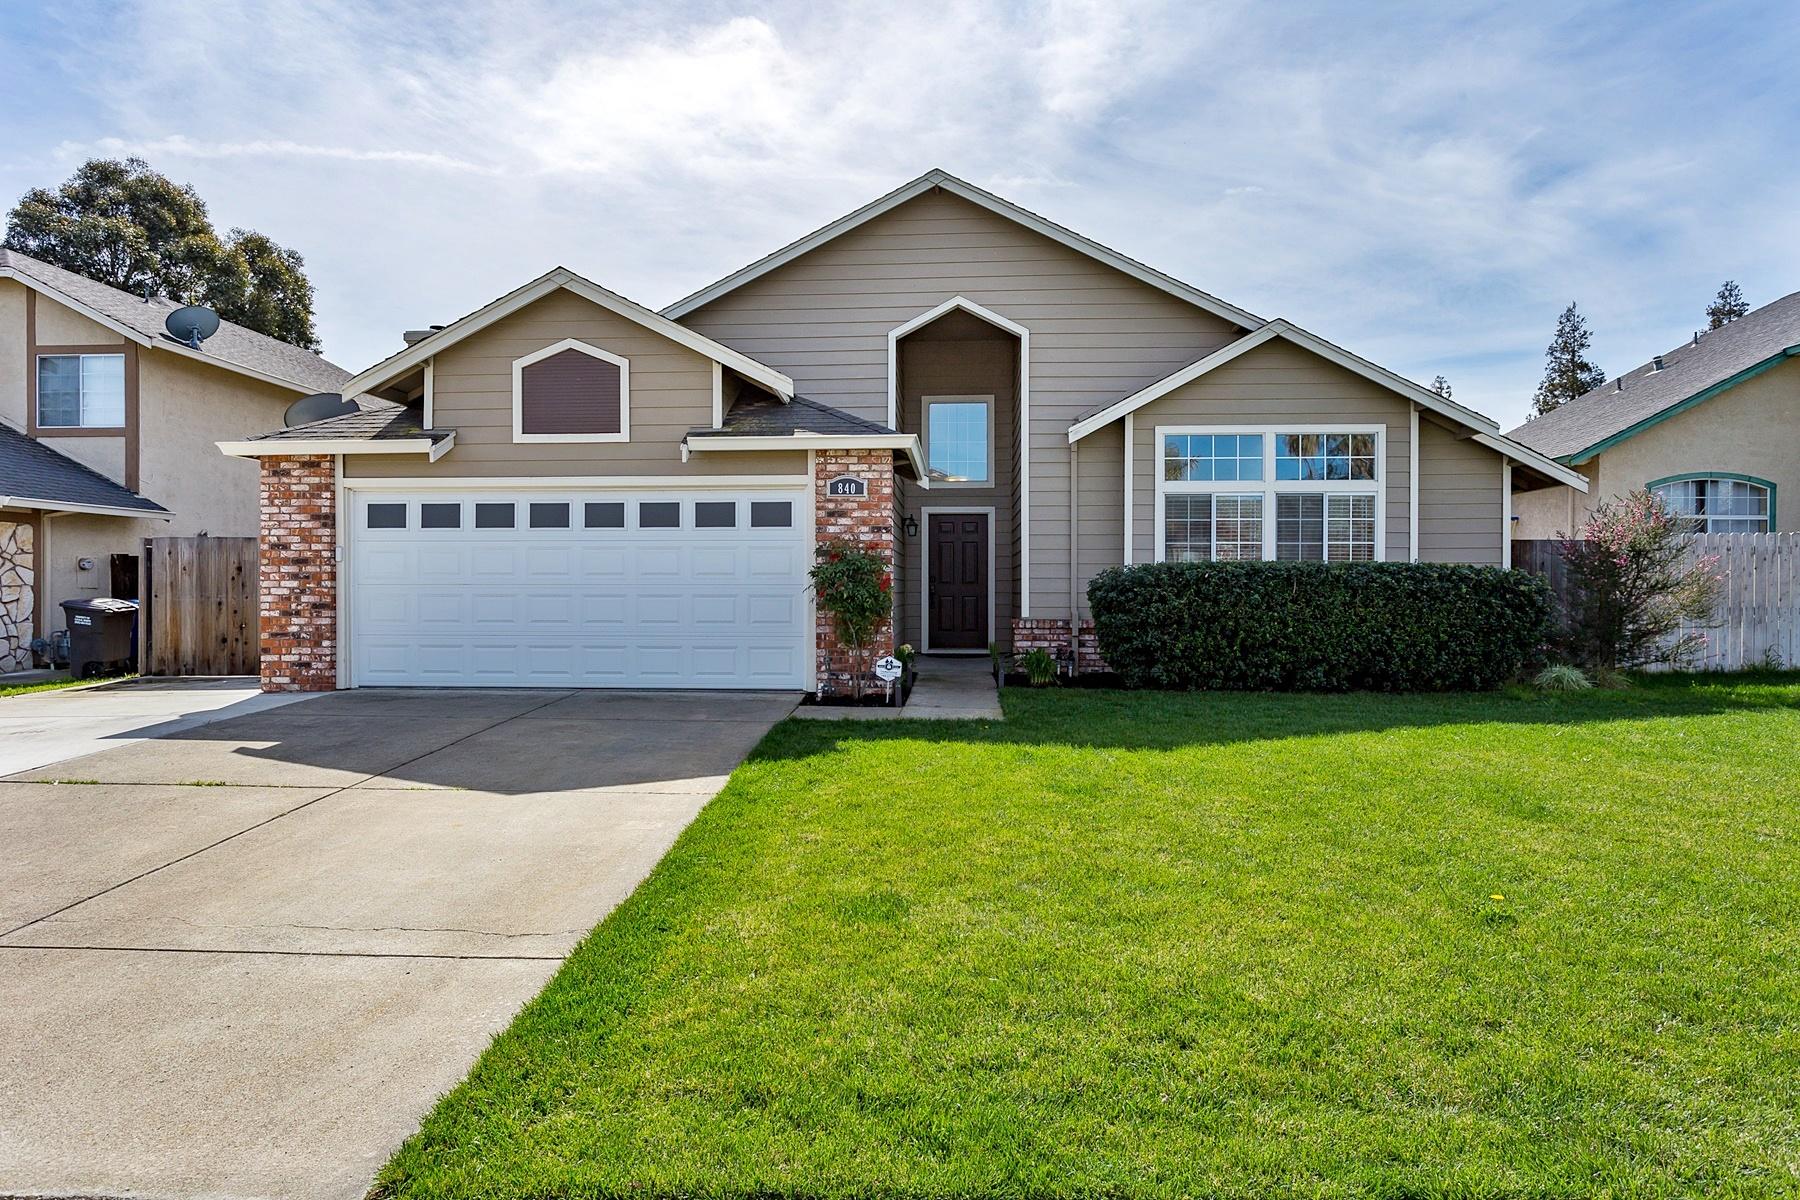 Частный односемейный дом для того Продажа на Great Value In Oakley 840 Souverain Court Oakley, Калифорния 94561 Соединенные Штаты